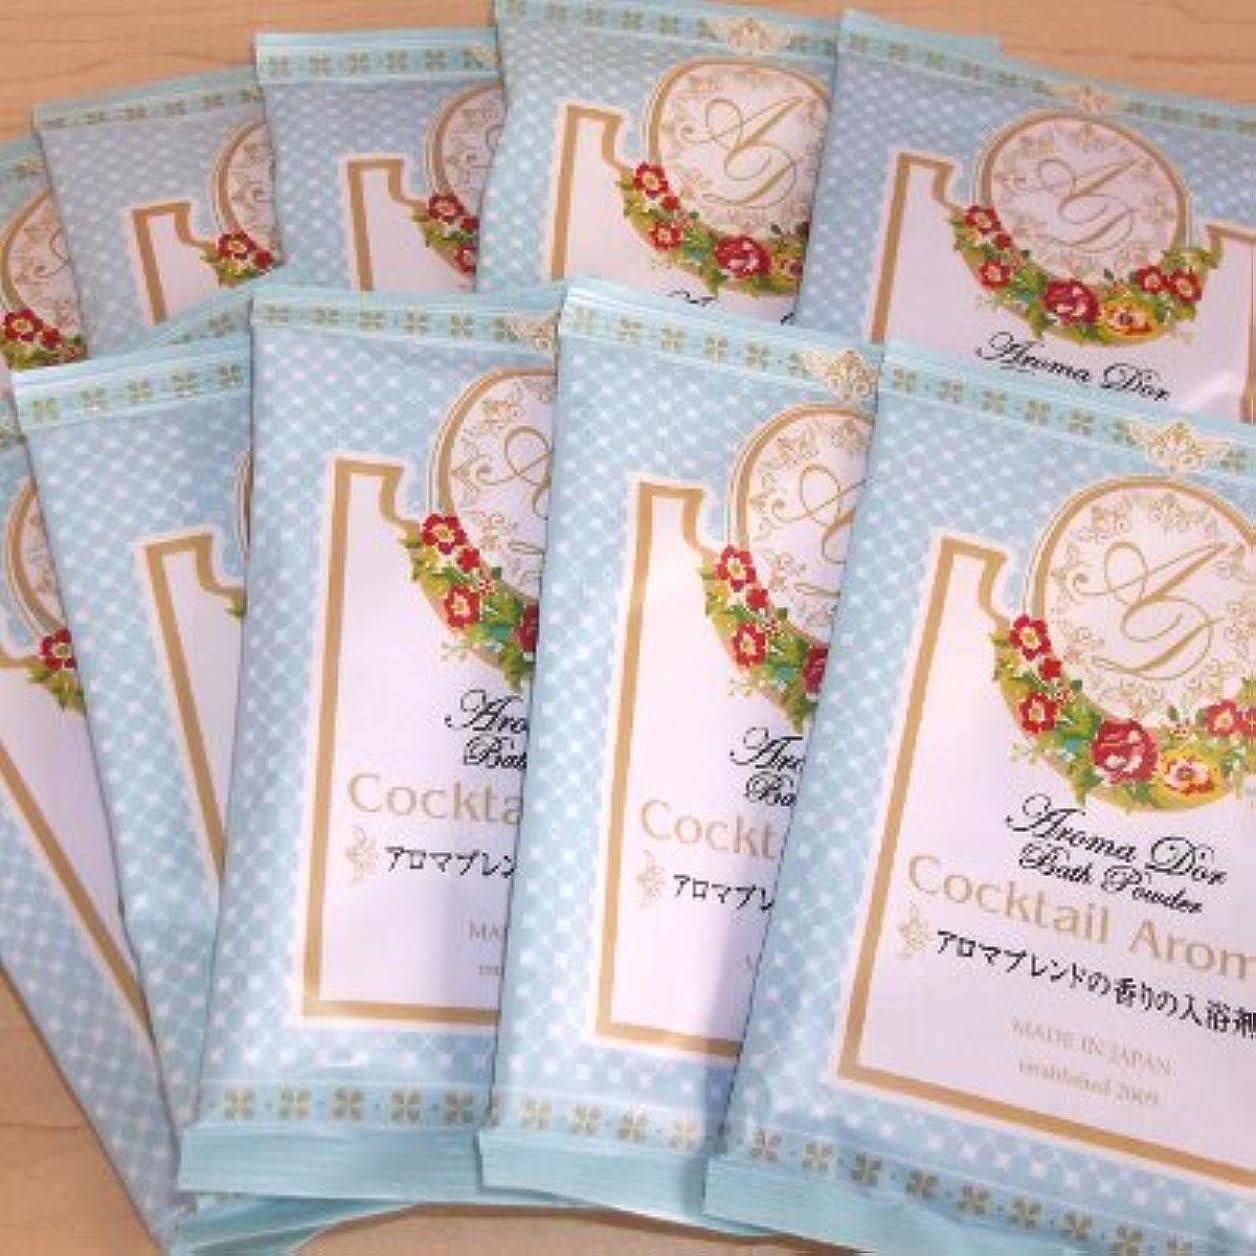 ラベル夢拍手アロマドール アロマブレンドの香り 10包セット